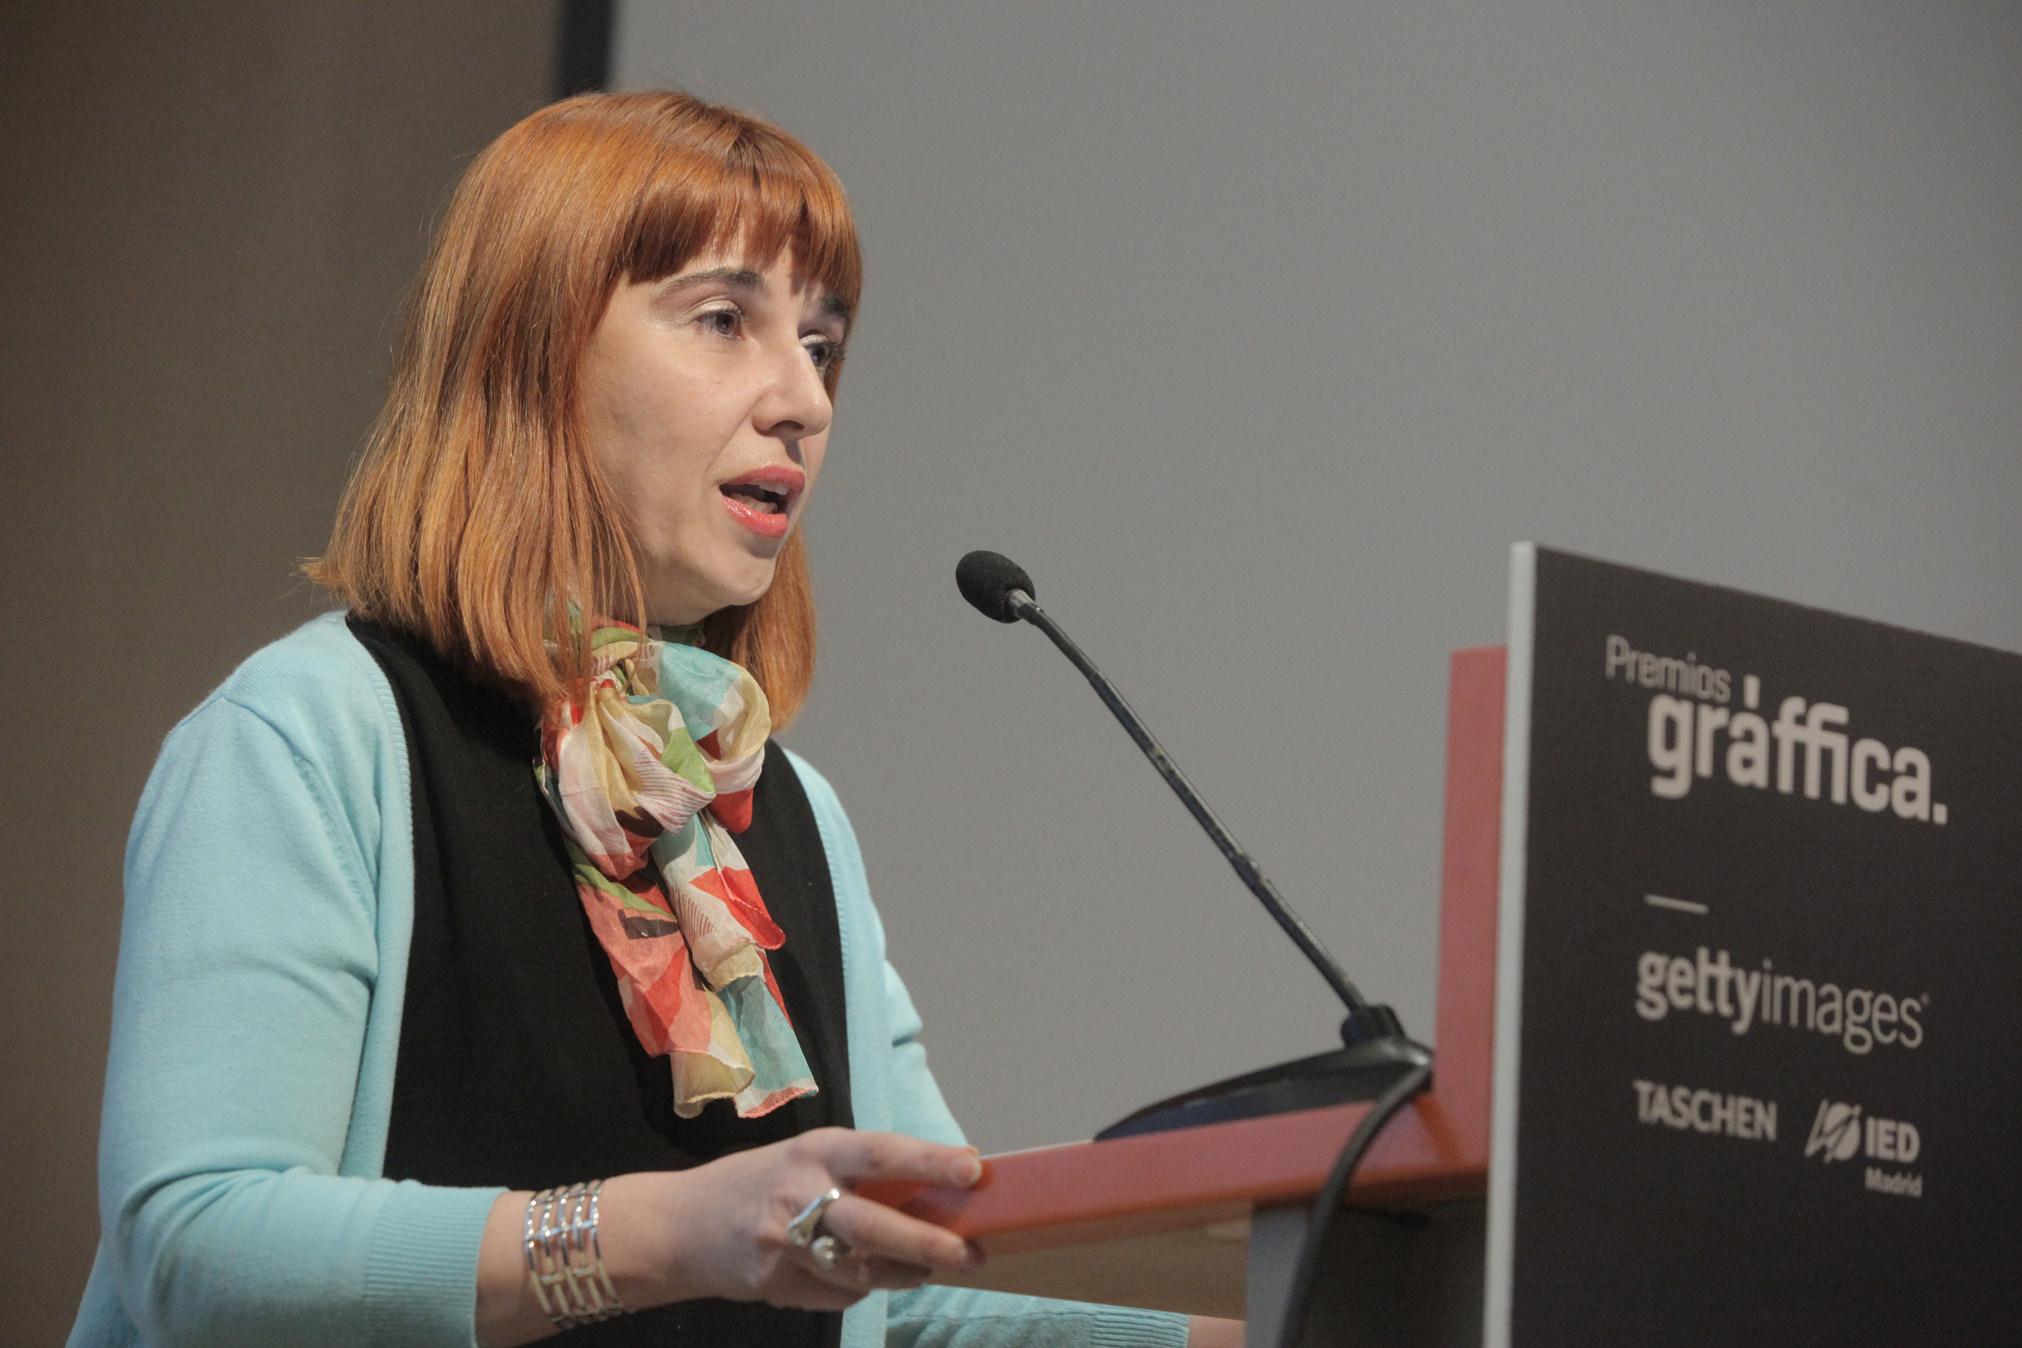 Raquel Pelta - Premios Gràffica 2011